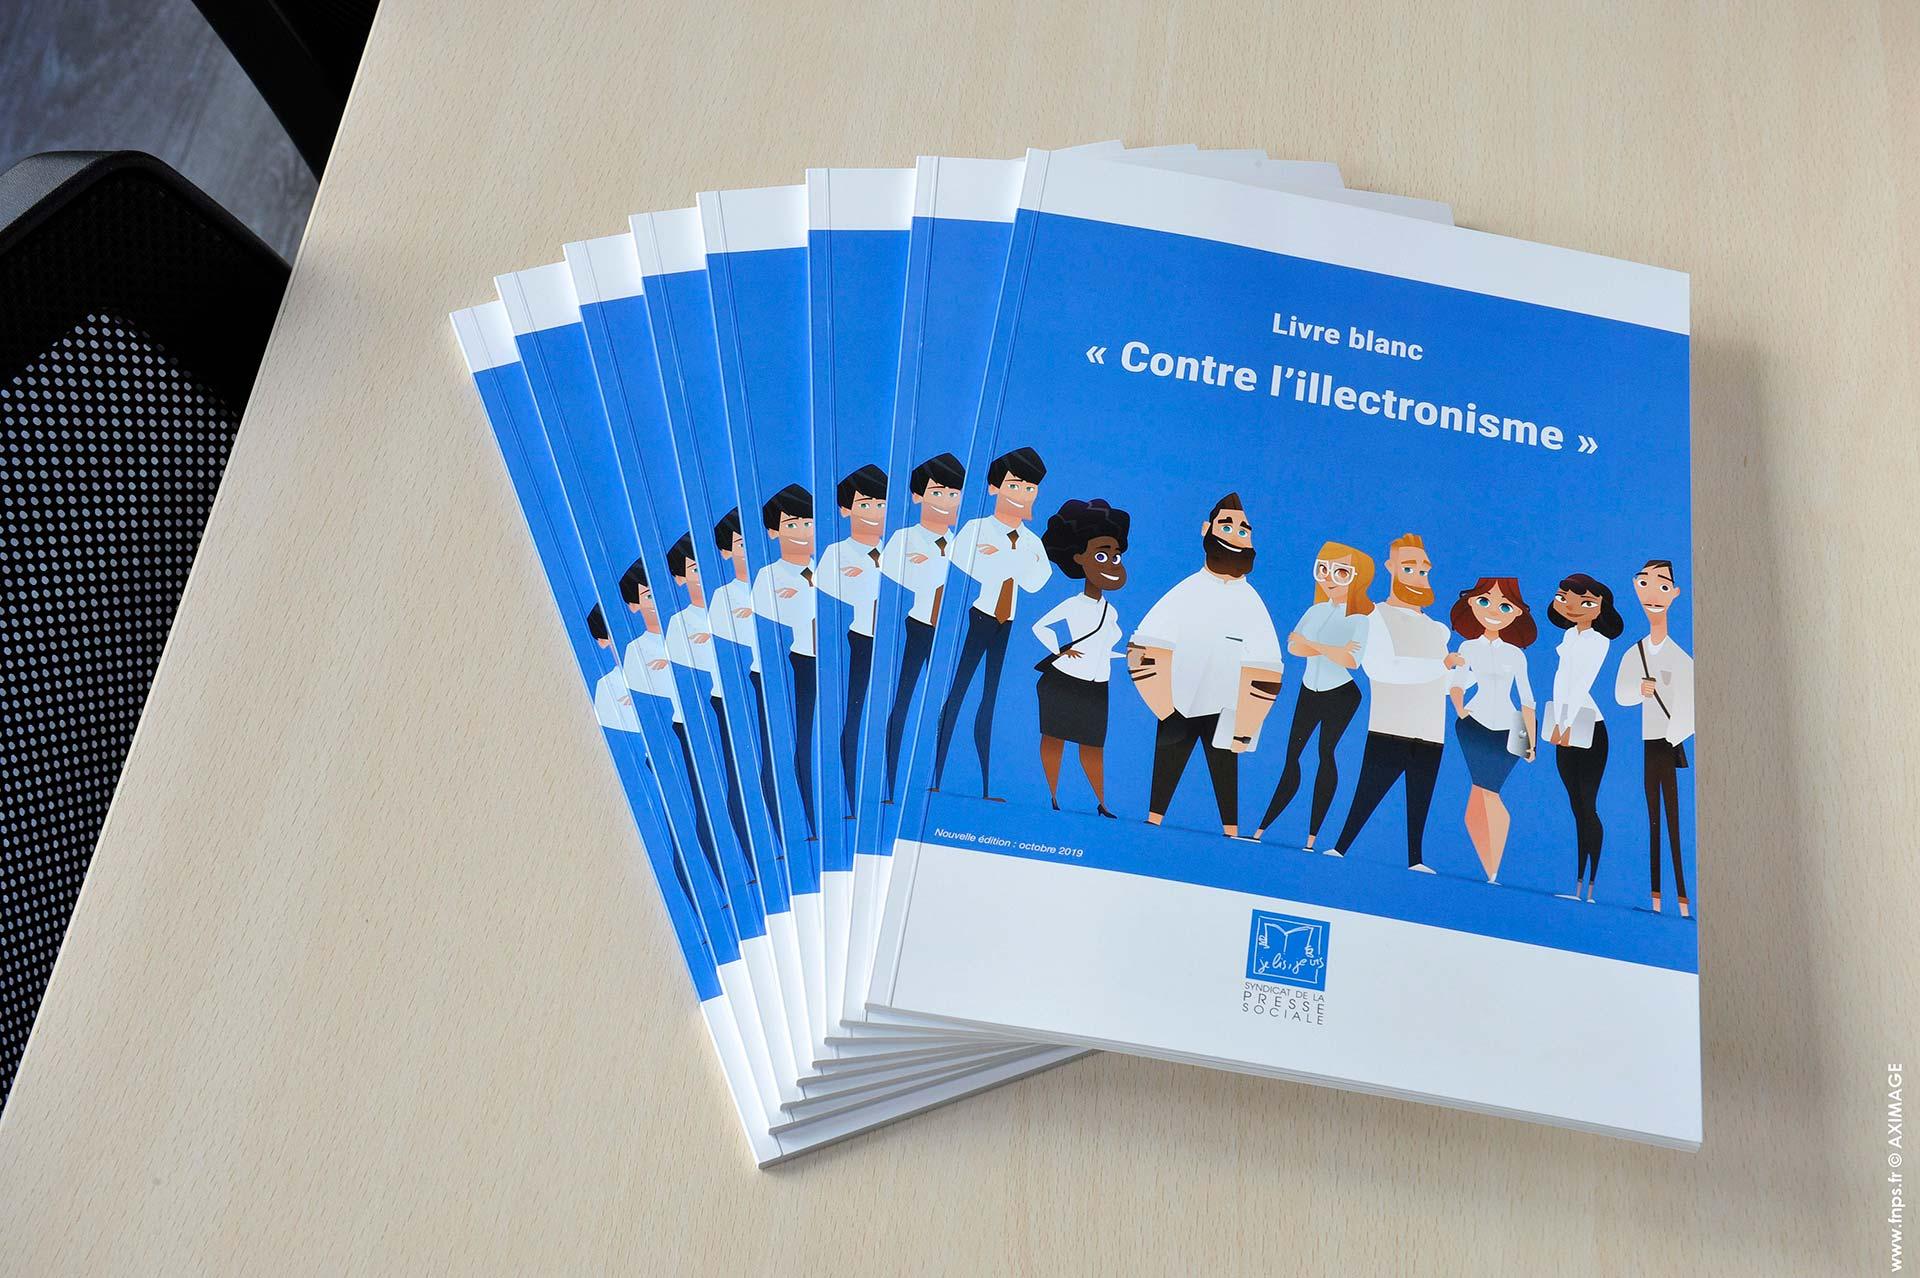 Le SPS publie un Livre blanc «contre l'illectronisme»